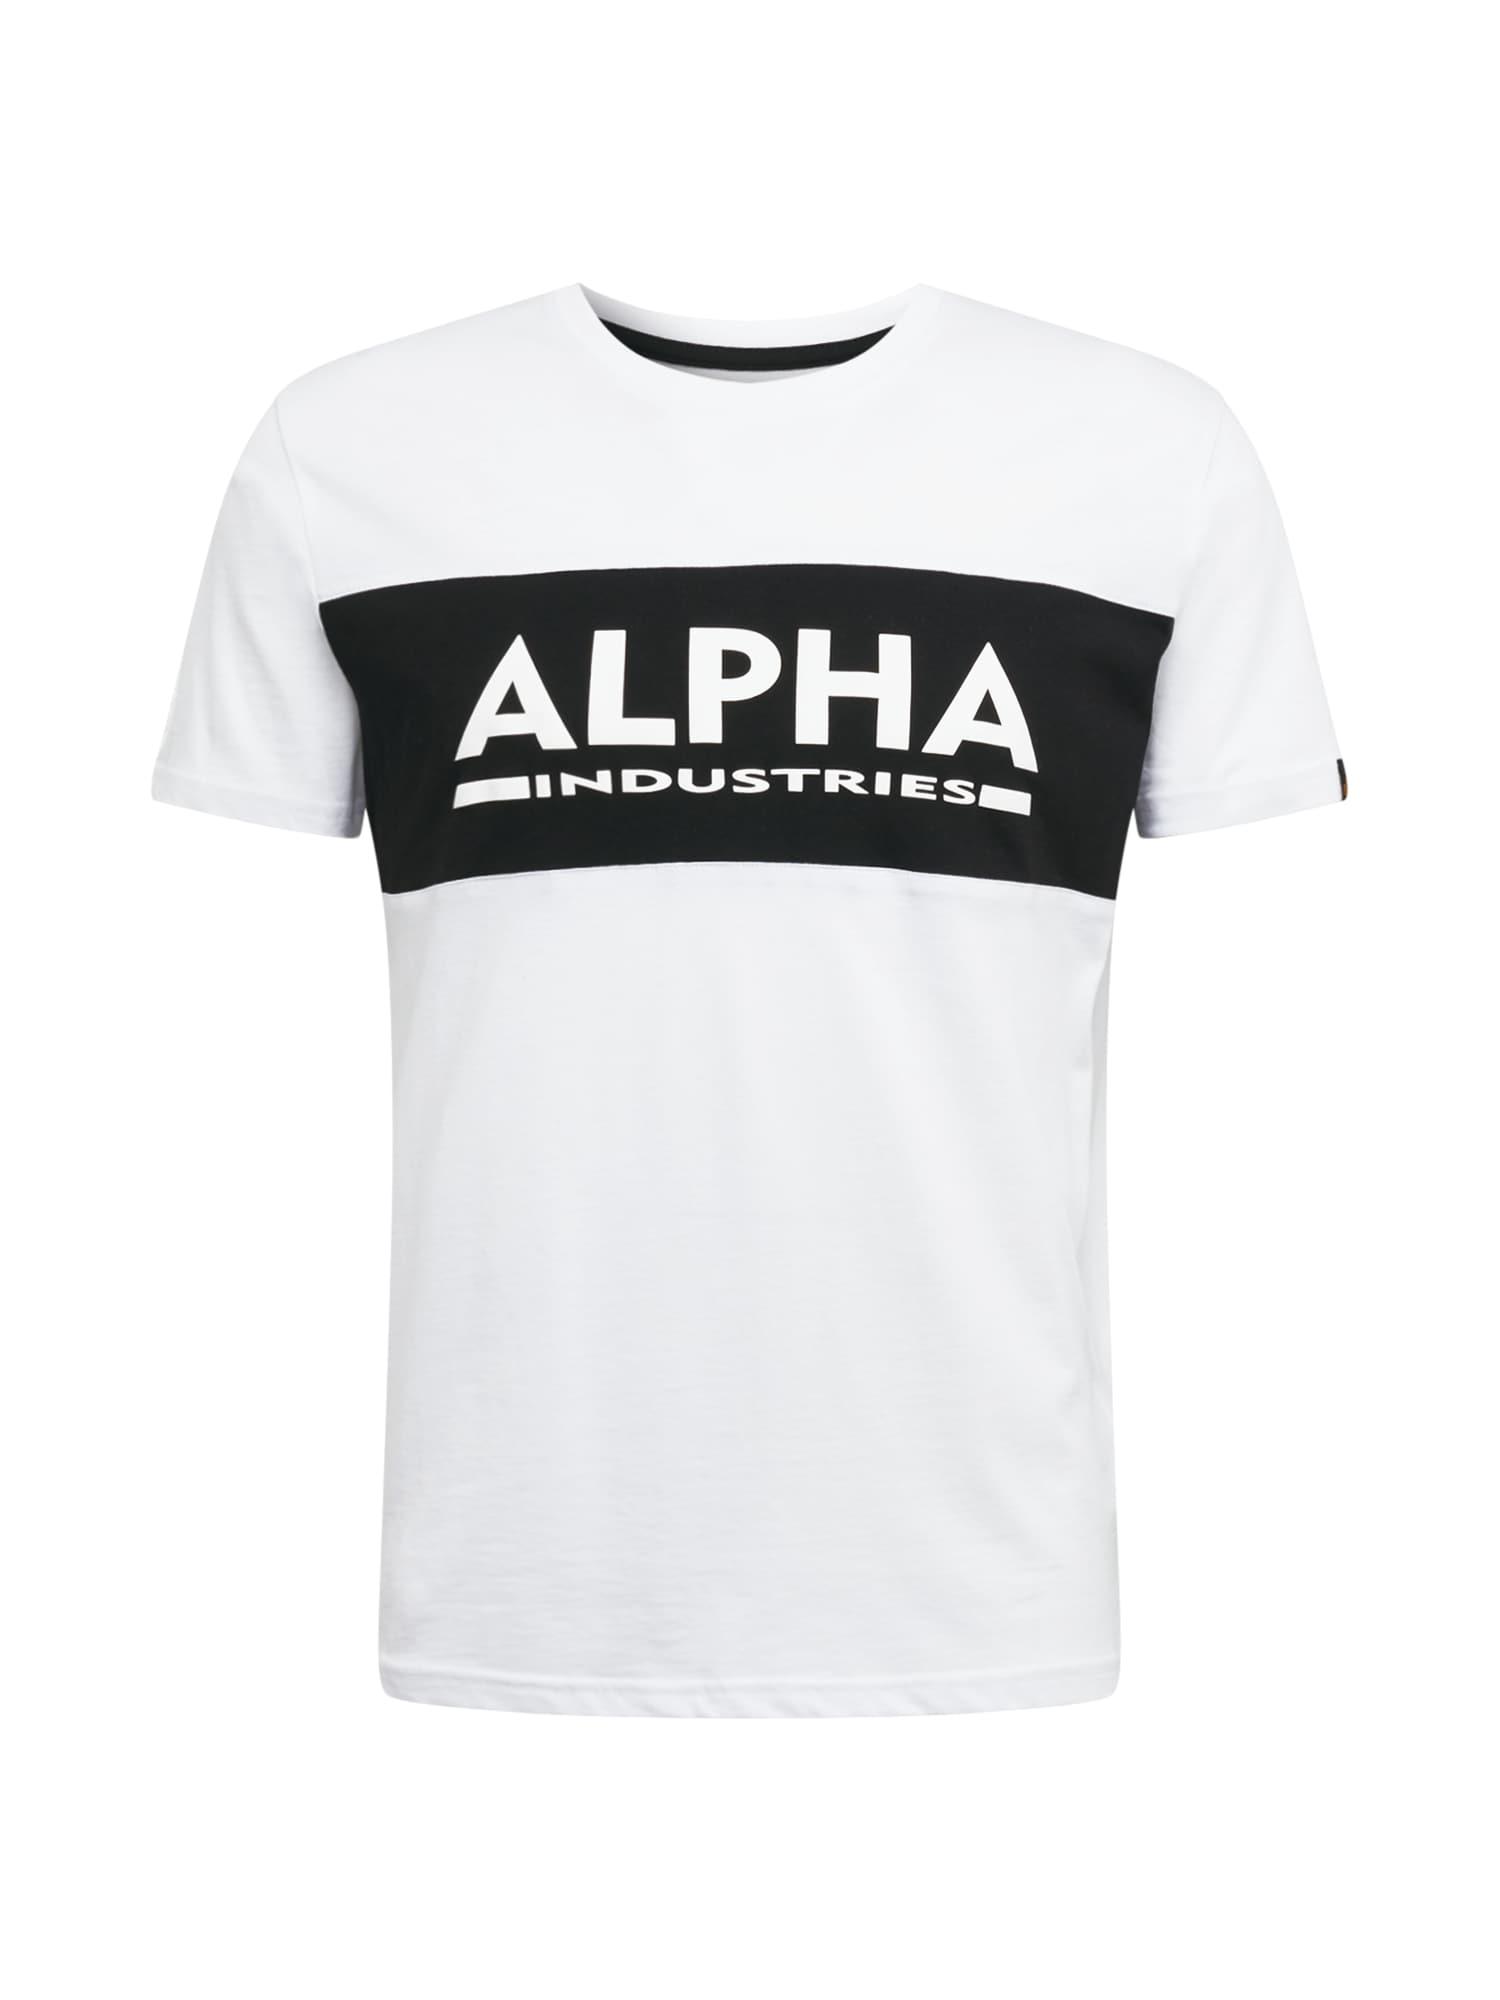 ALPHA INDUSTRIES Marškinėliai 'Inlay' juoda / balta